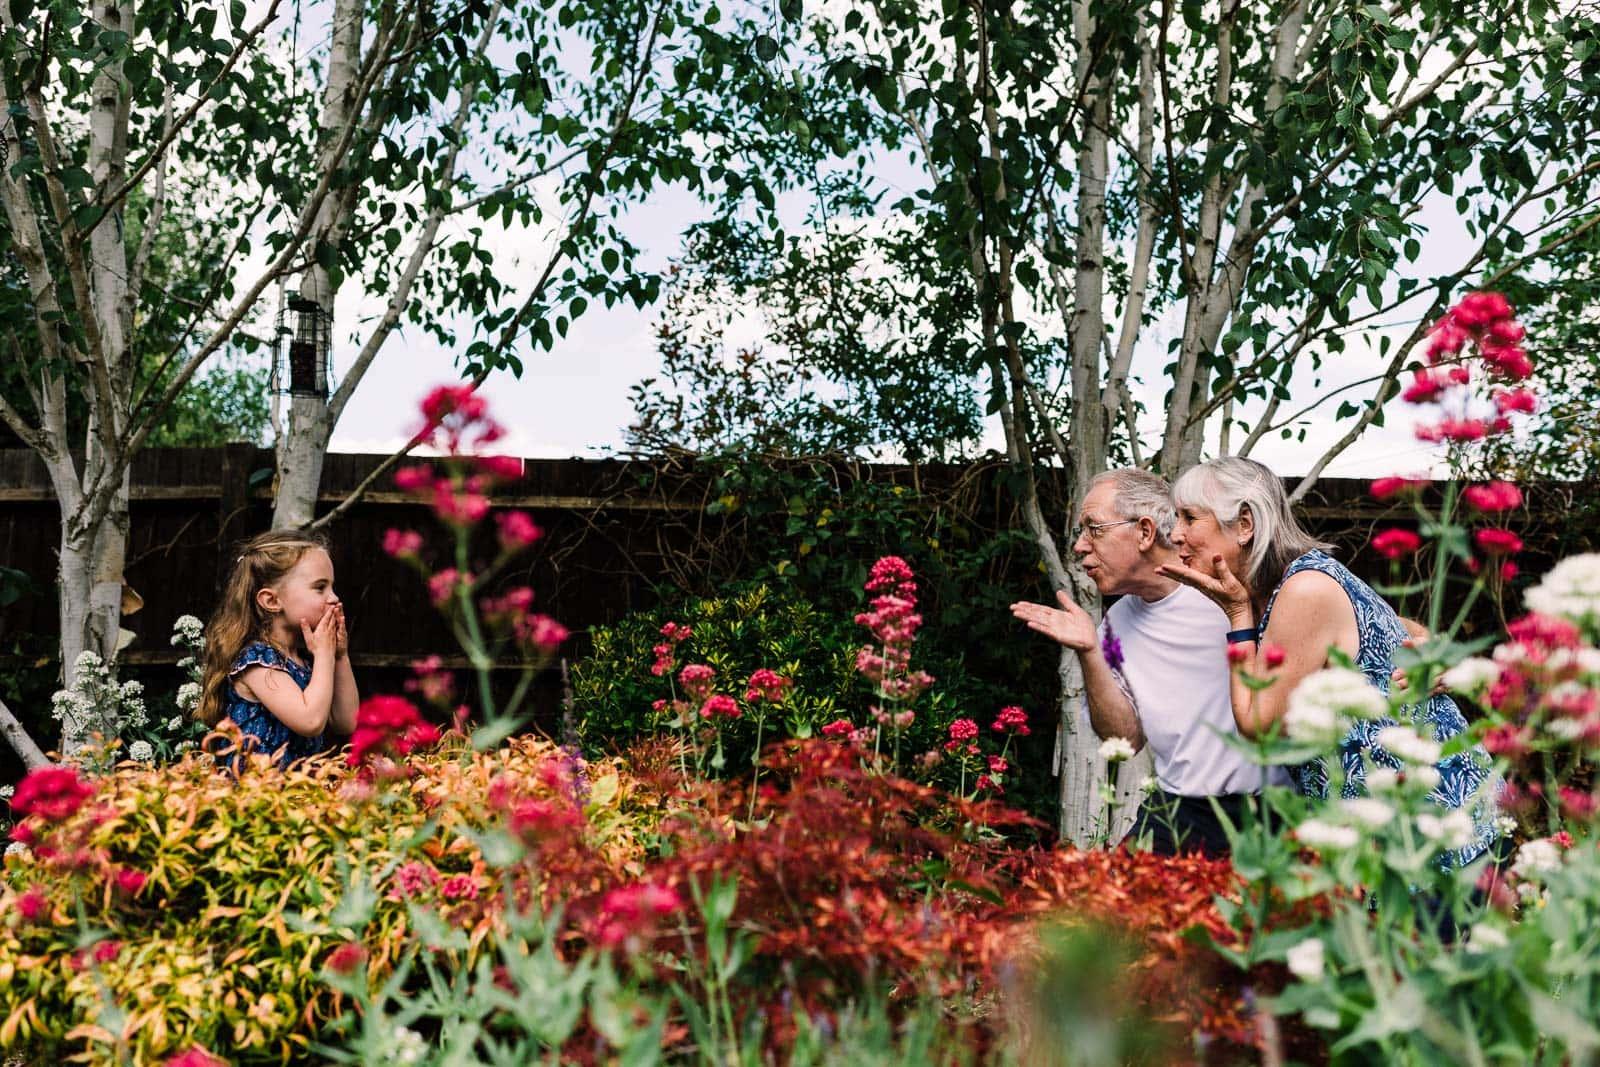 lockdown air kisses to grandparents